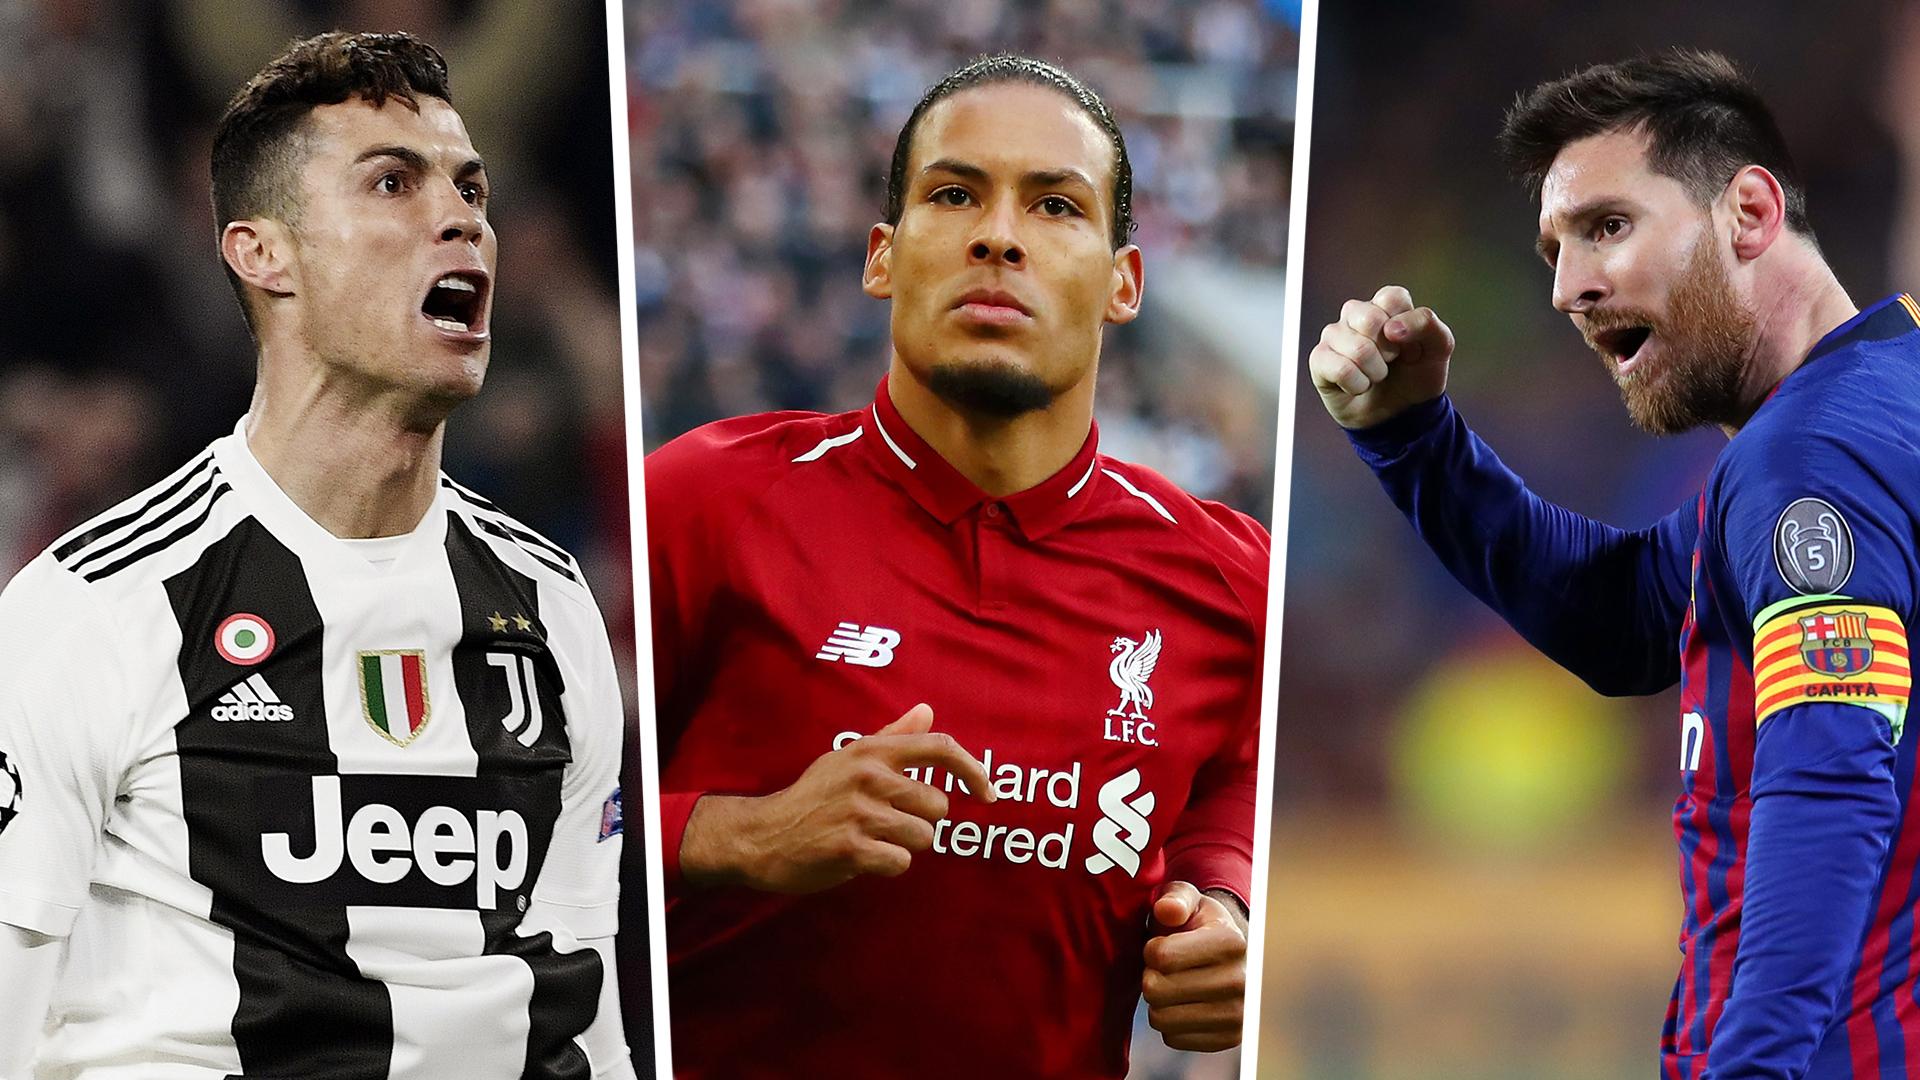 Van Dijk, Messi et Ronaldo dans l'équipe type de la Ligue des champions